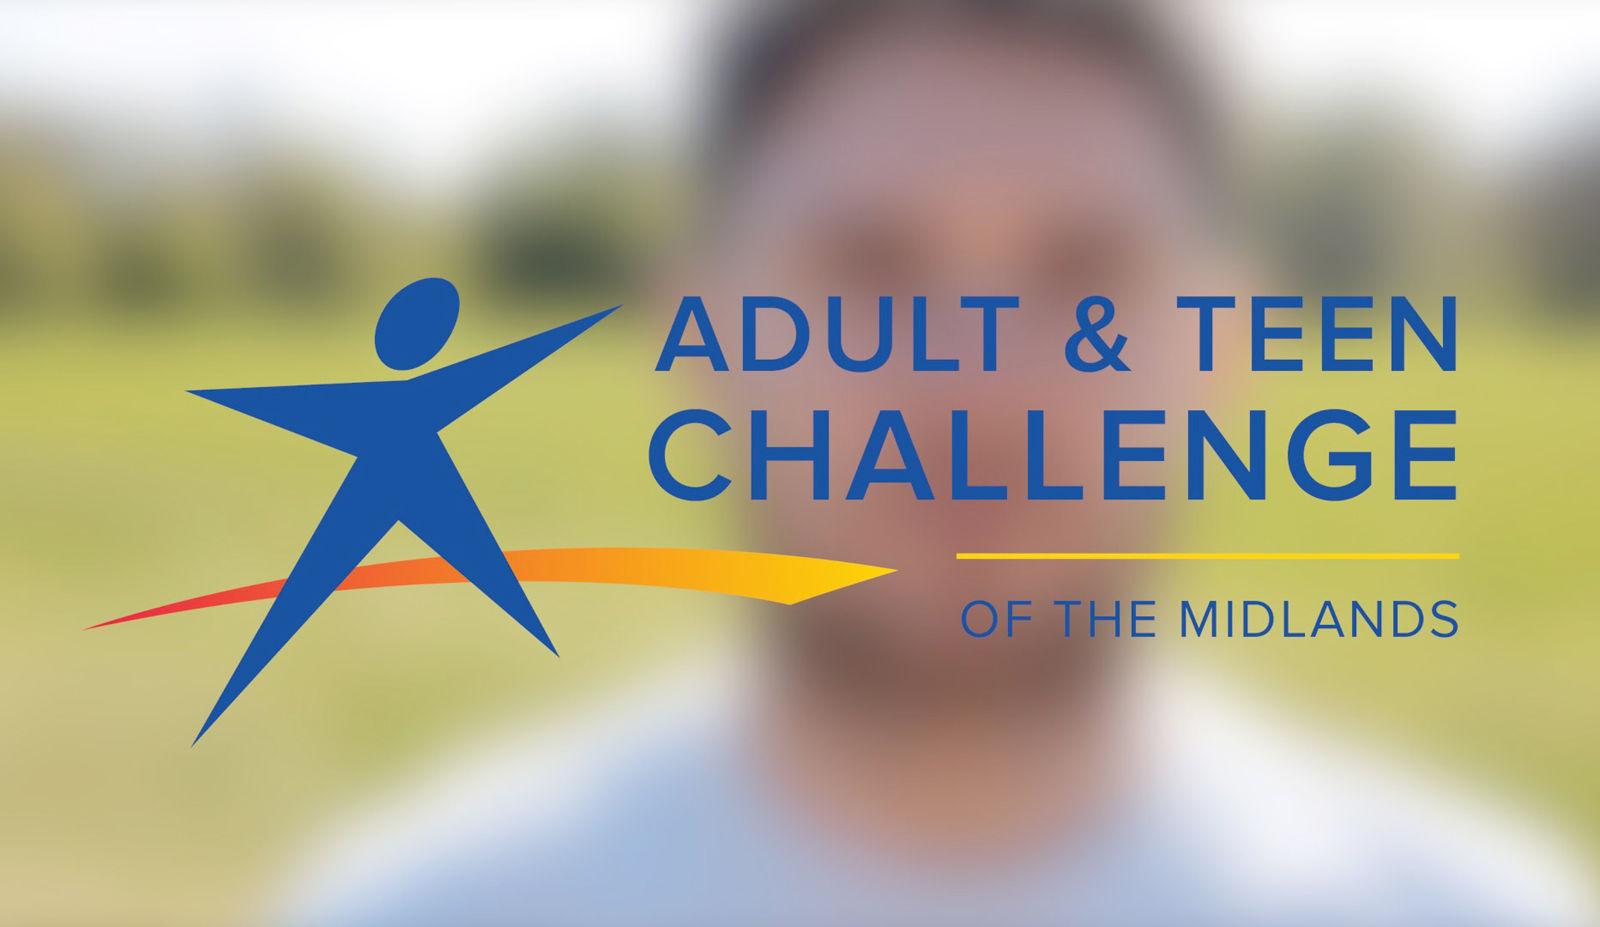 Teen challenge of midlands